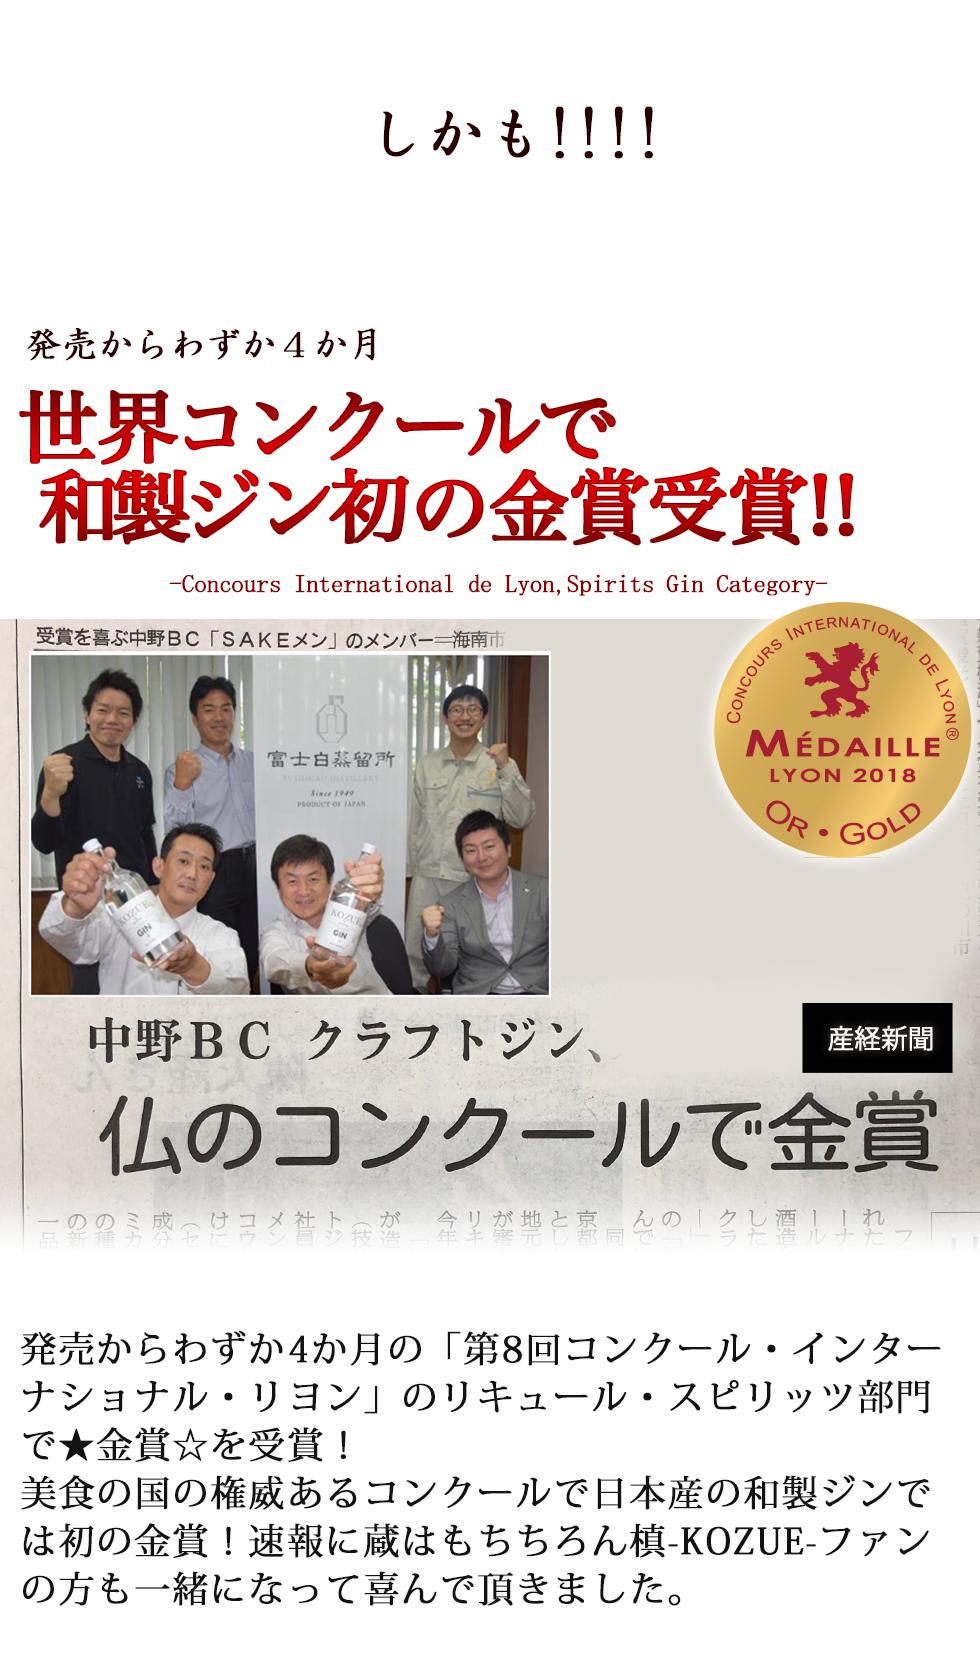 梢は世界コンクールで和製ジン初の金賞受賞